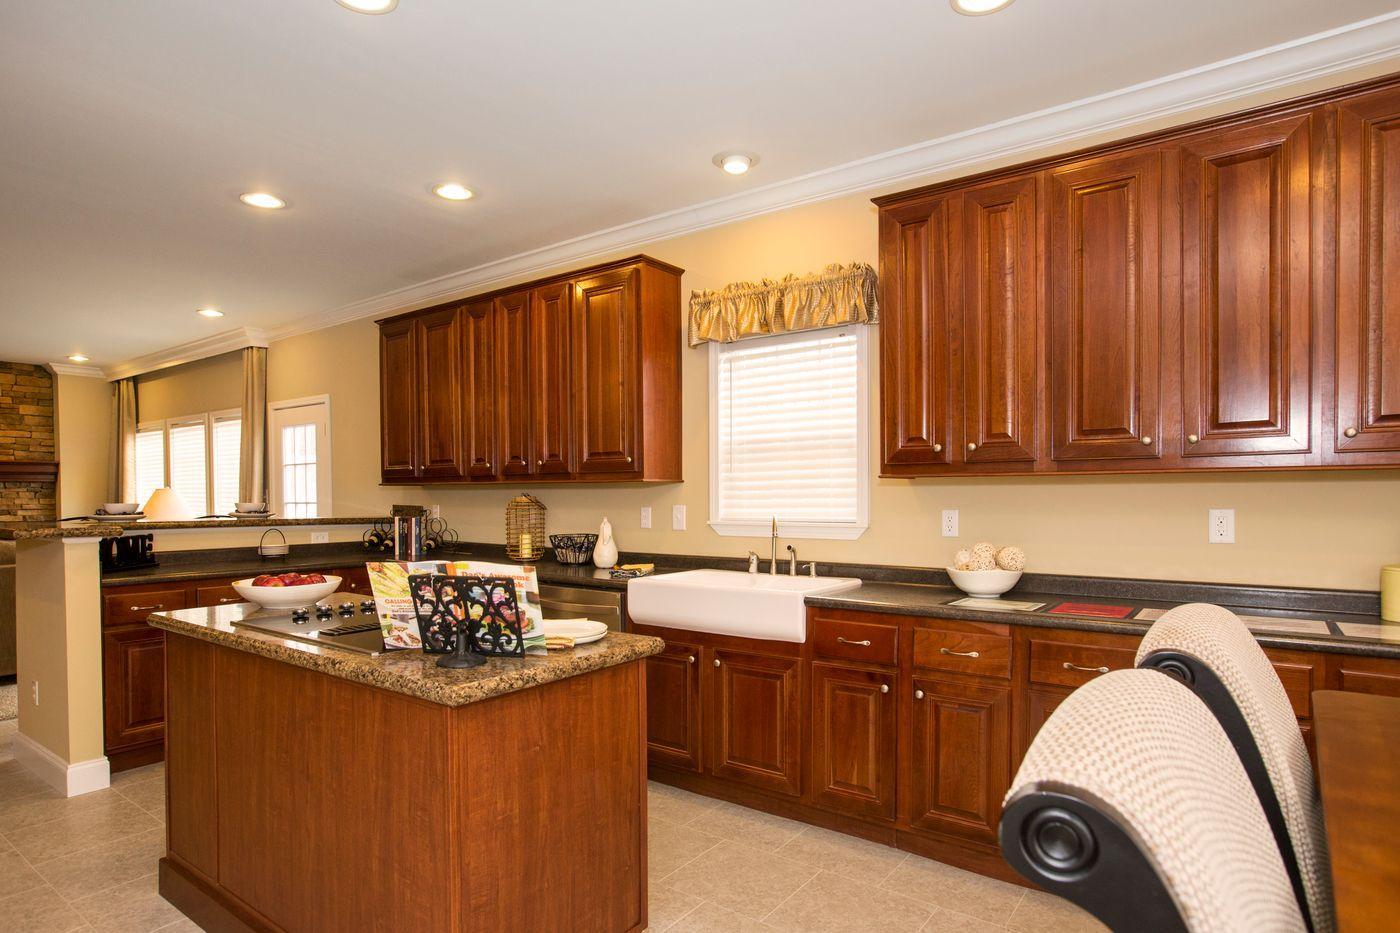 The Jefferson Kitchen